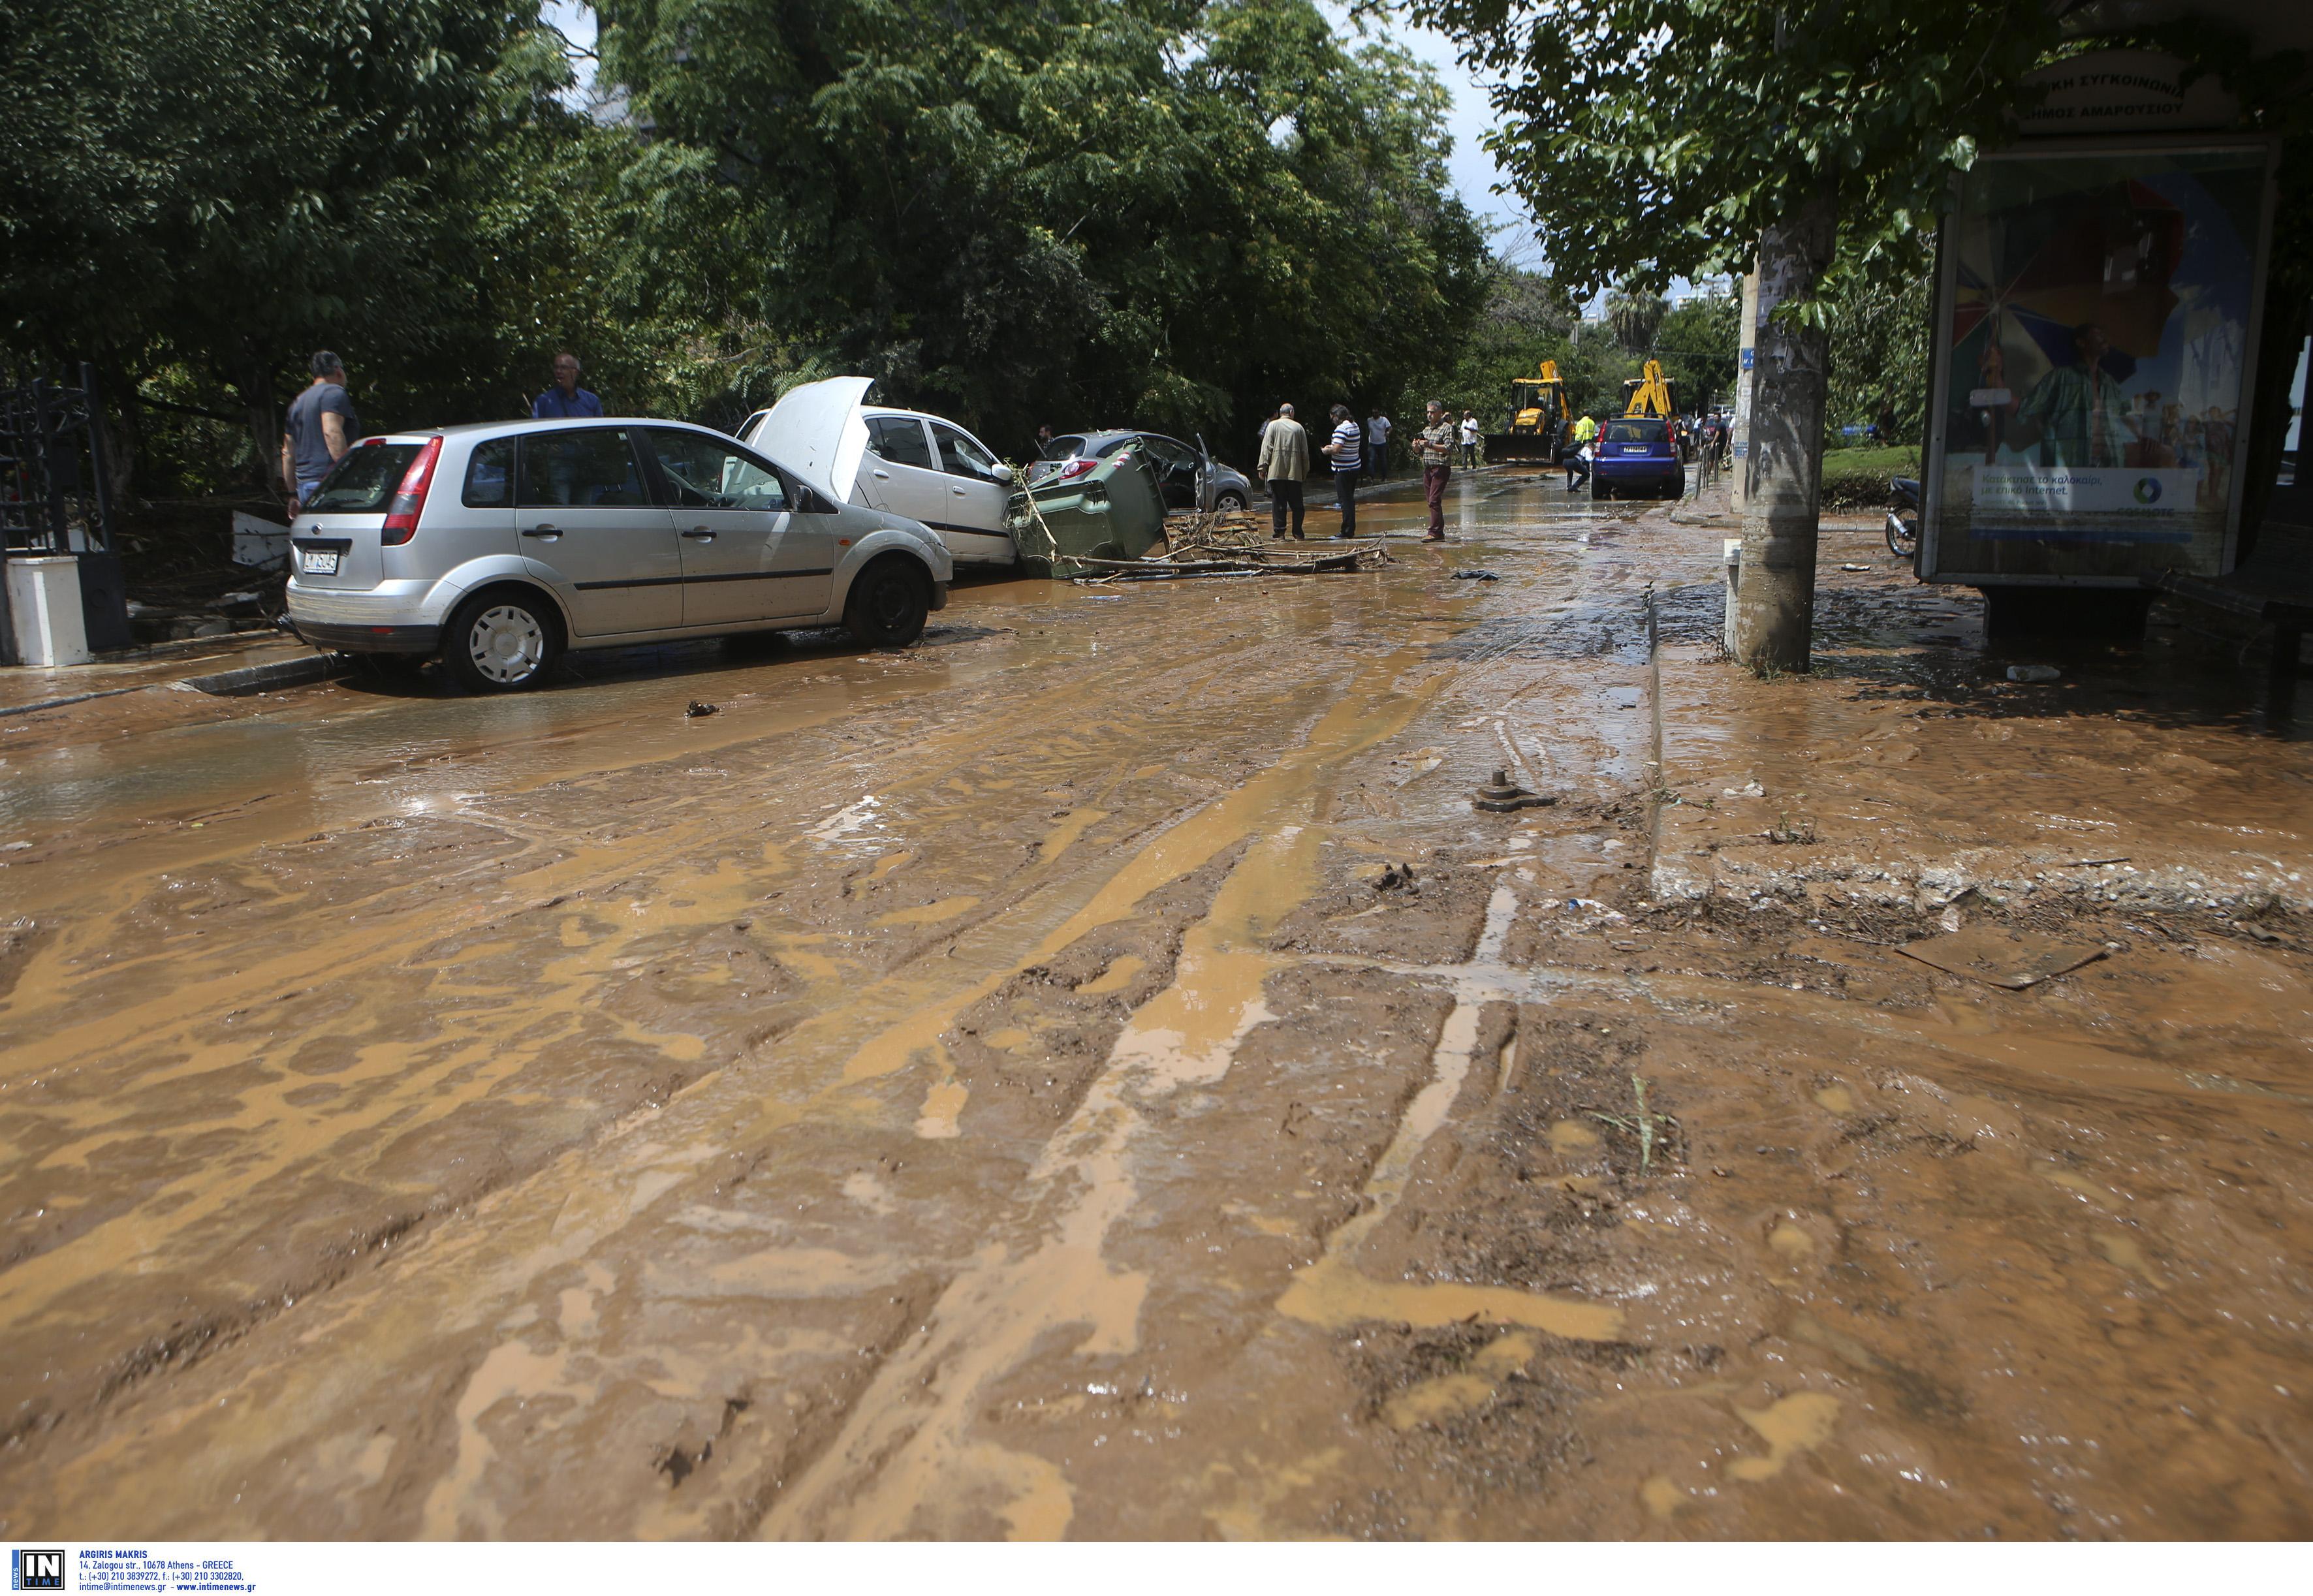 Μαρούσι: Στο σχέδιο επιτέλους η περιοχή του Σωρού